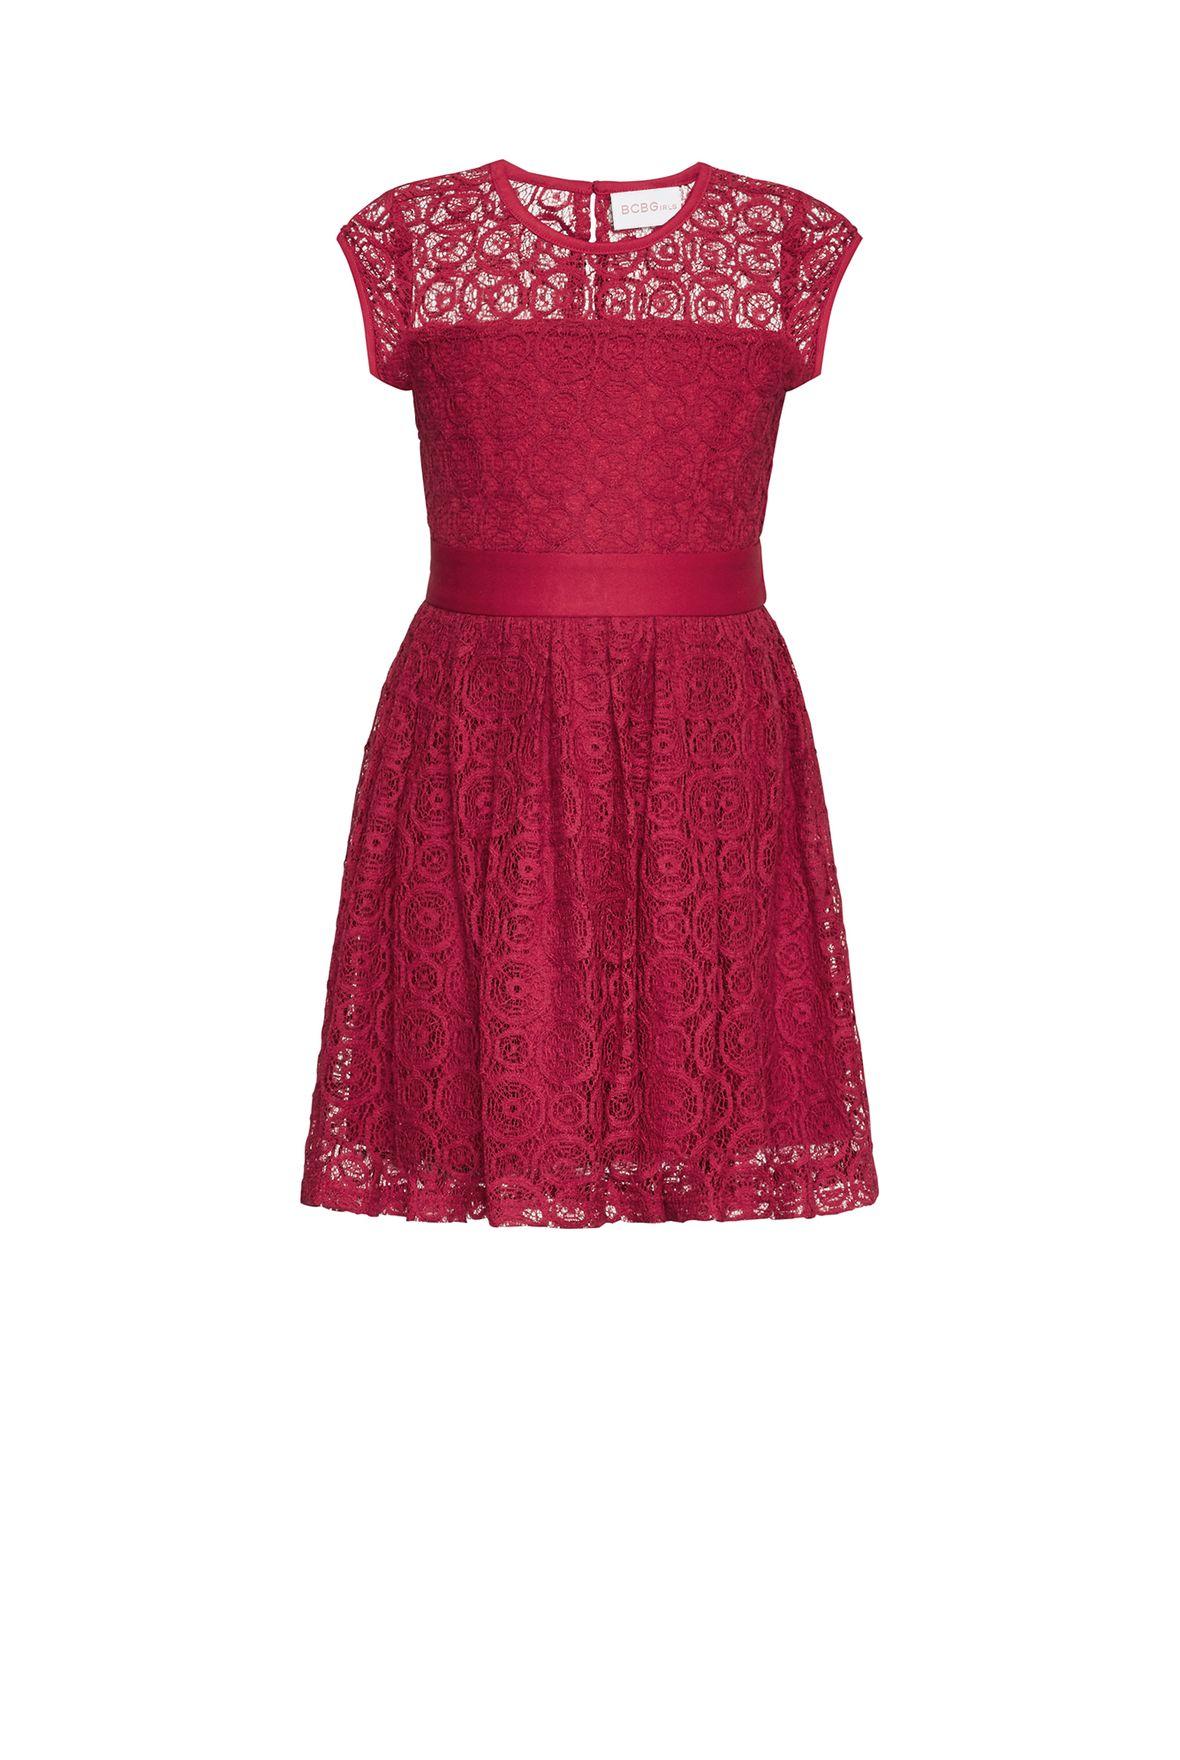 Vestido-BCBGirls-de-encaje-vino-B638DR194_SGR_e